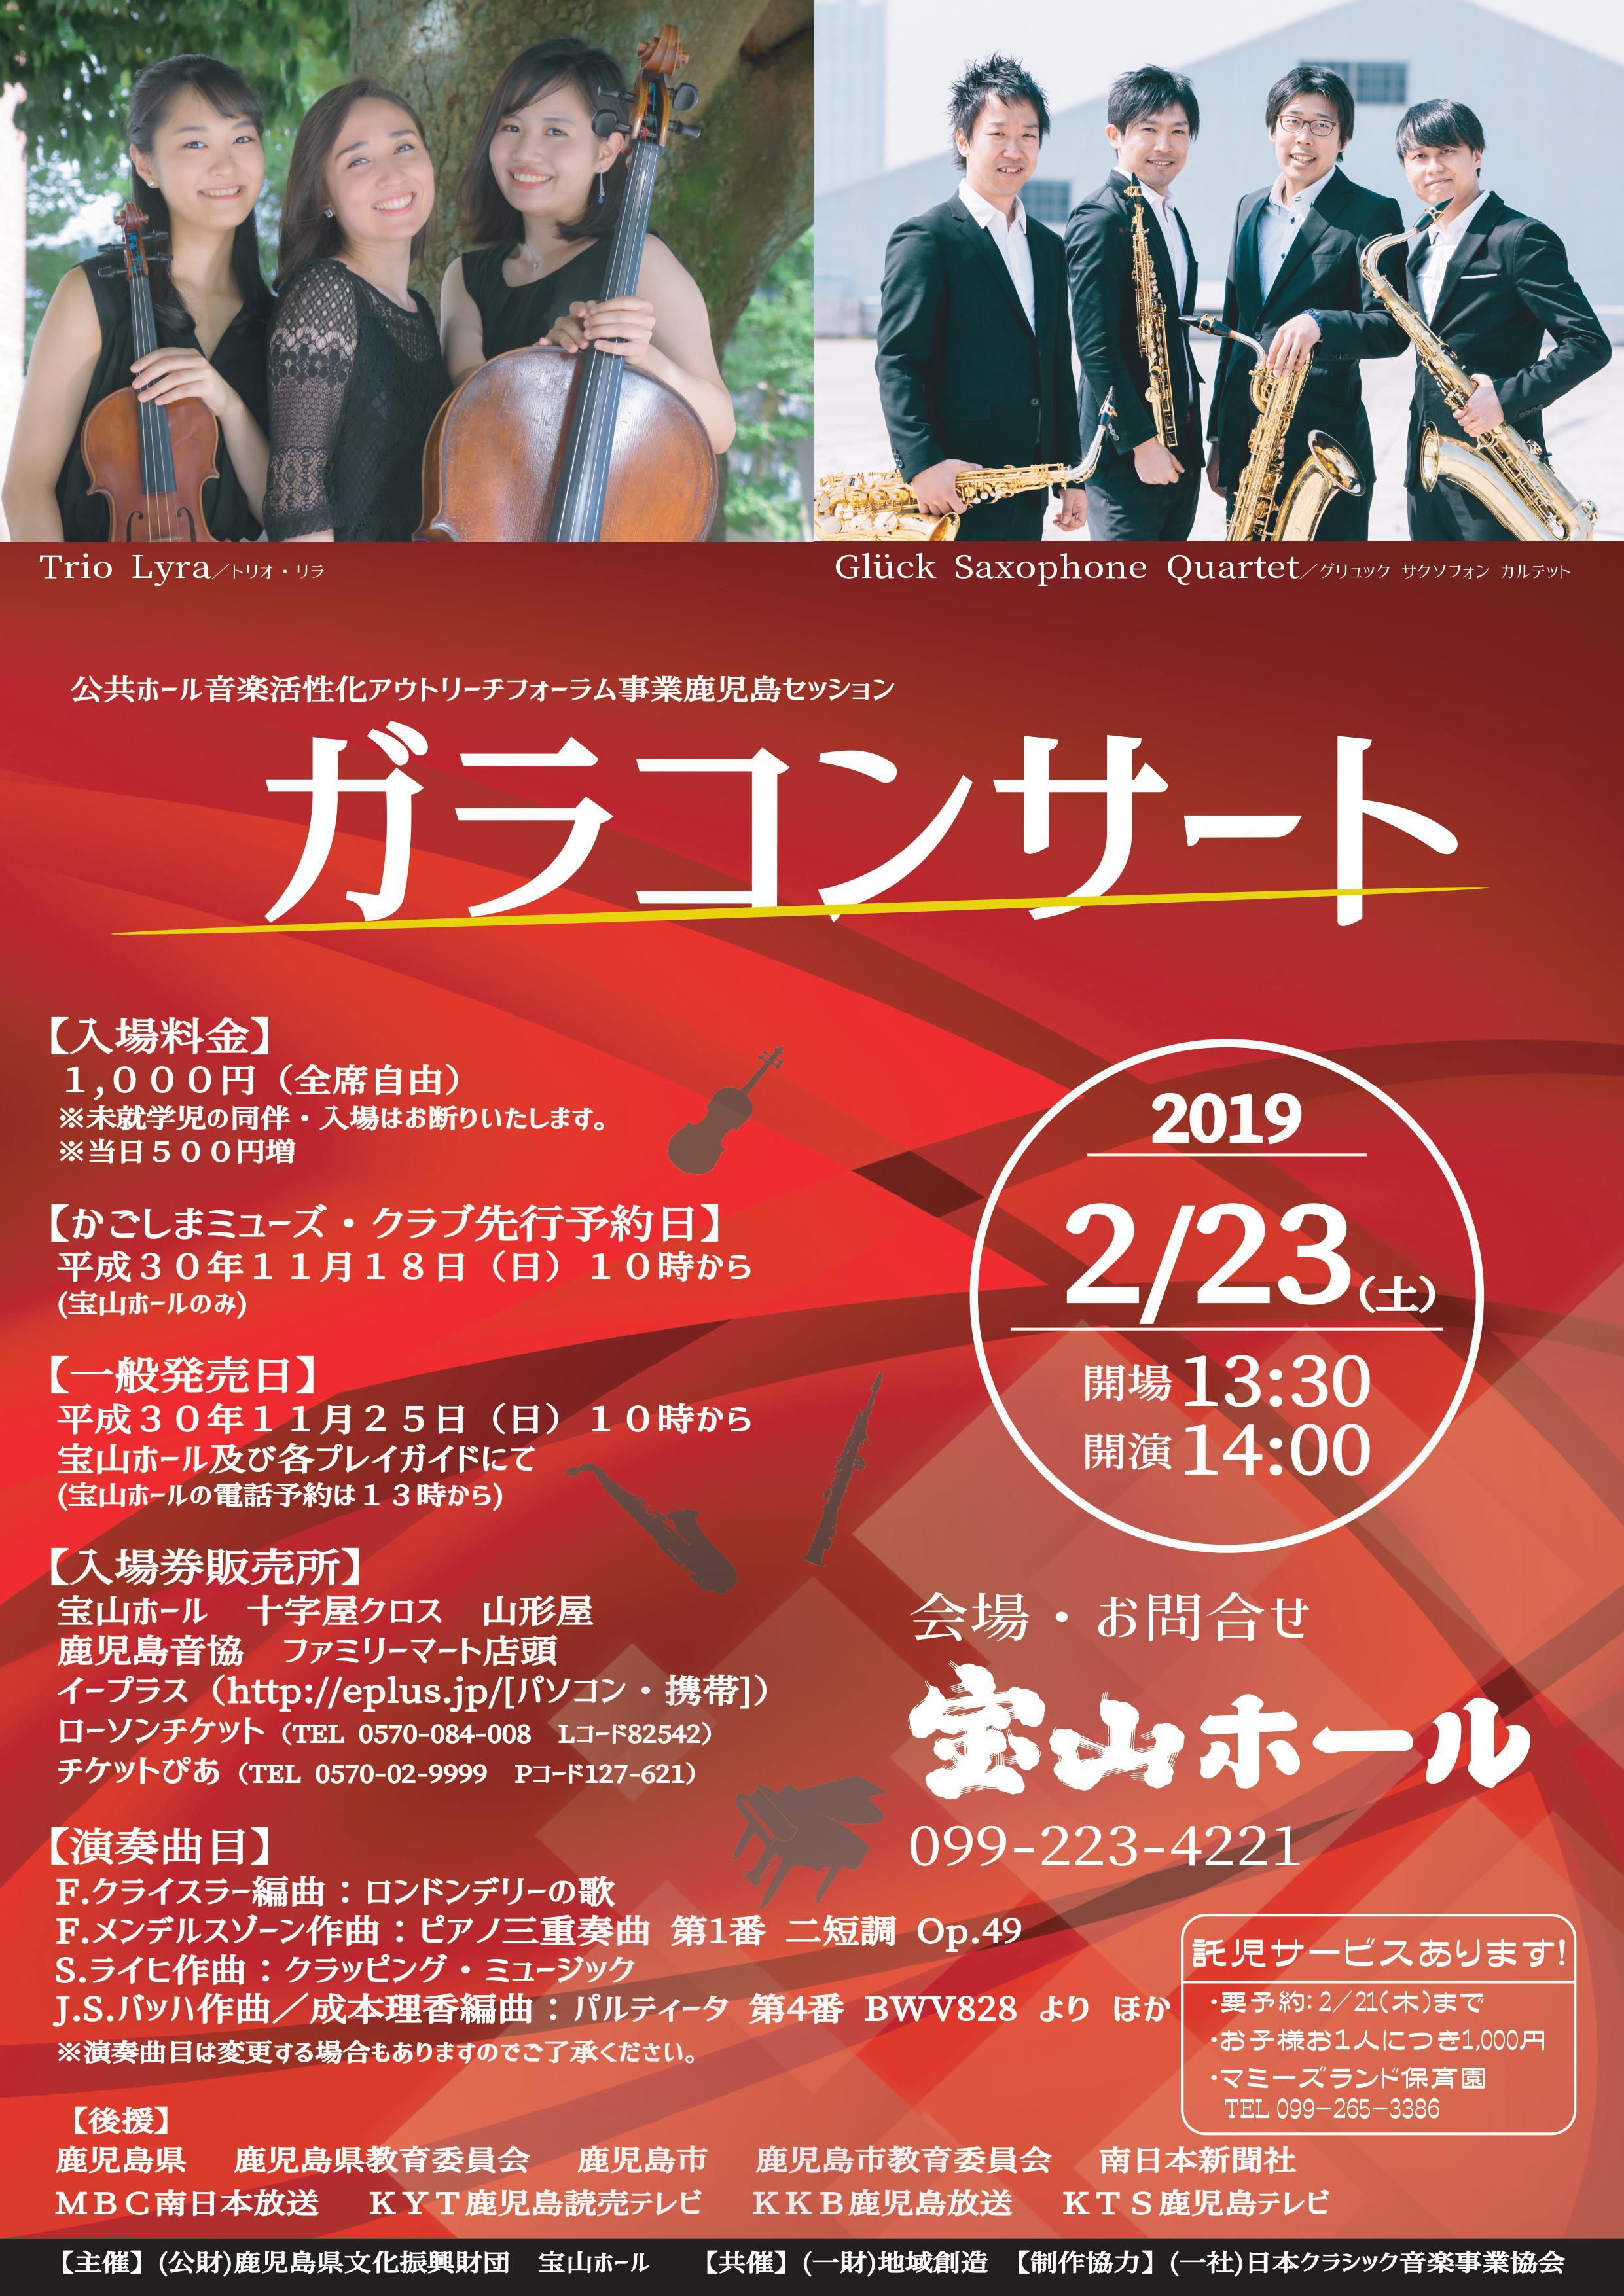 ガラコンサート~ピアノトリオとサクソフォンカルテットの素敵なコンサート~